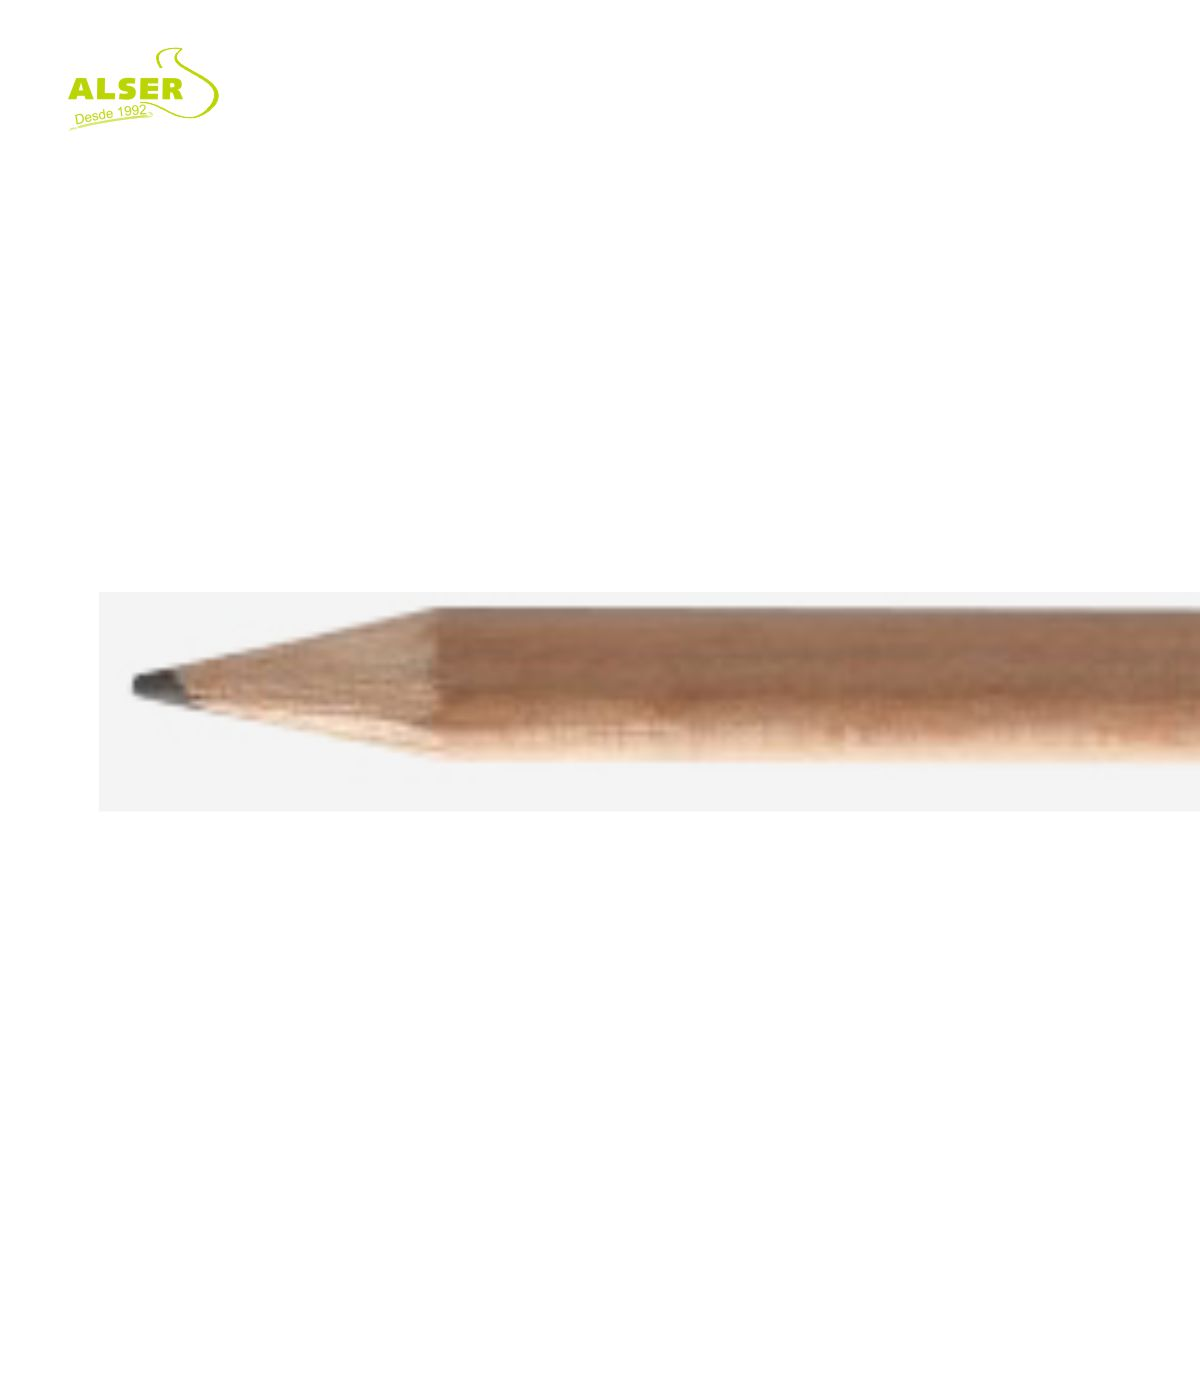 Lapicero Publicitario fabricado con madera de cedro. Detalle